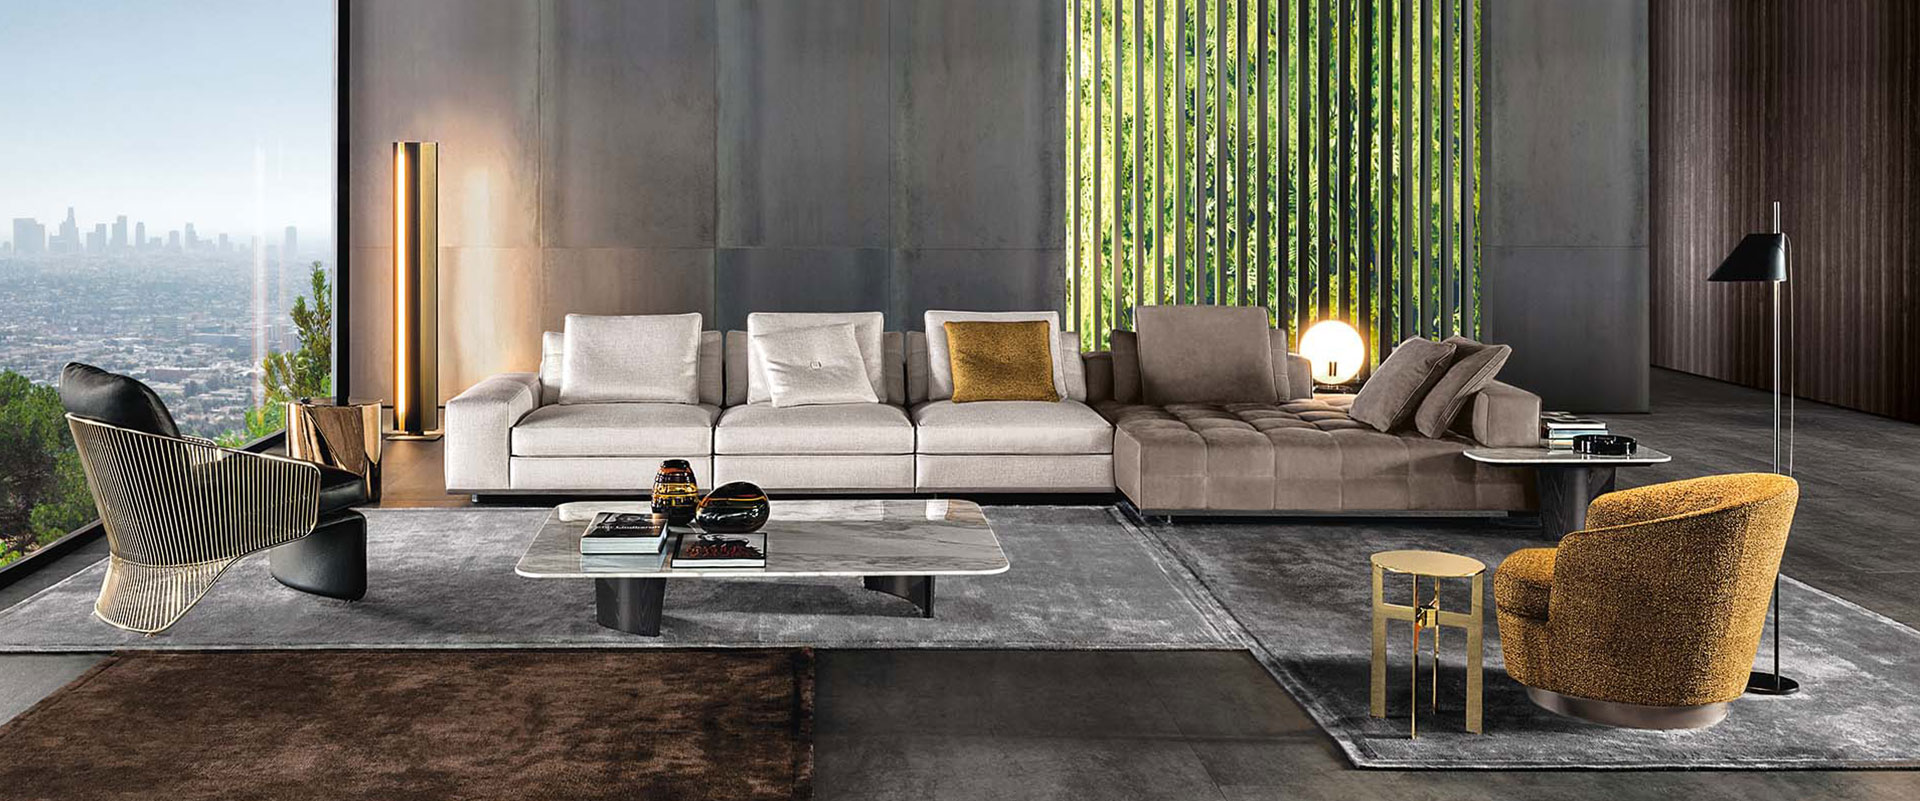 Einrichtungshaus Fretz, Wohnwelten, exklusives Wohndesign